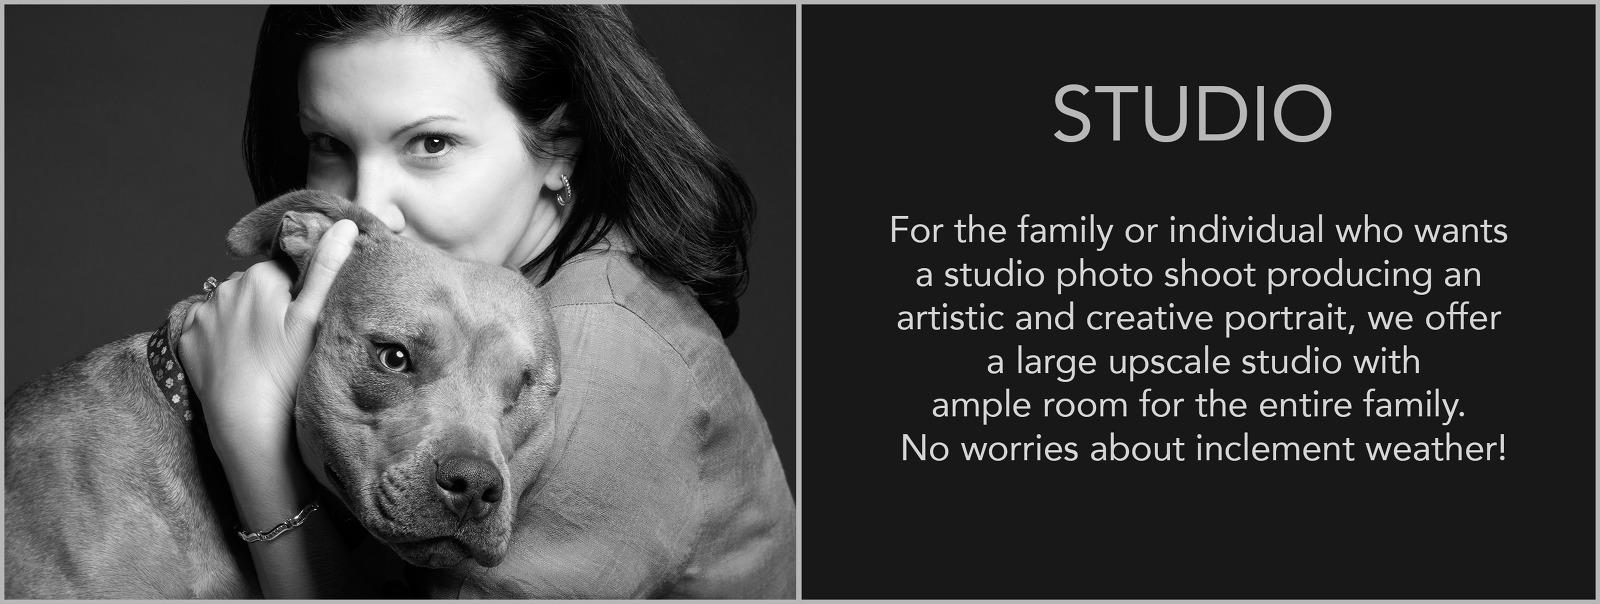 Studio photoshoot - Willow Street Pictures